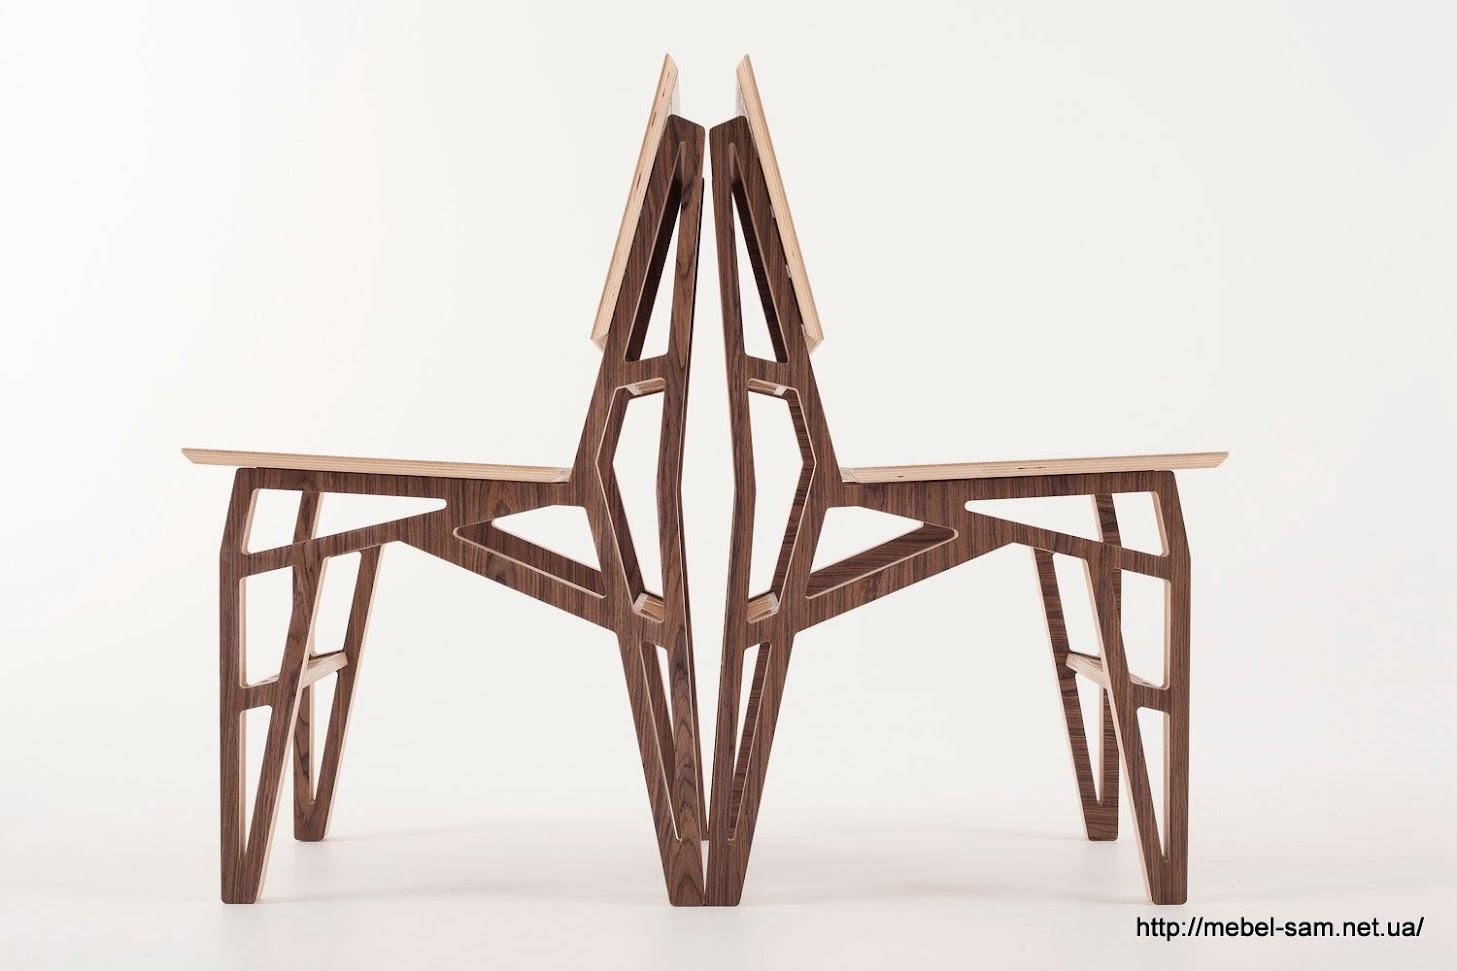 Комплект таких стульев будет выглядеть стильно